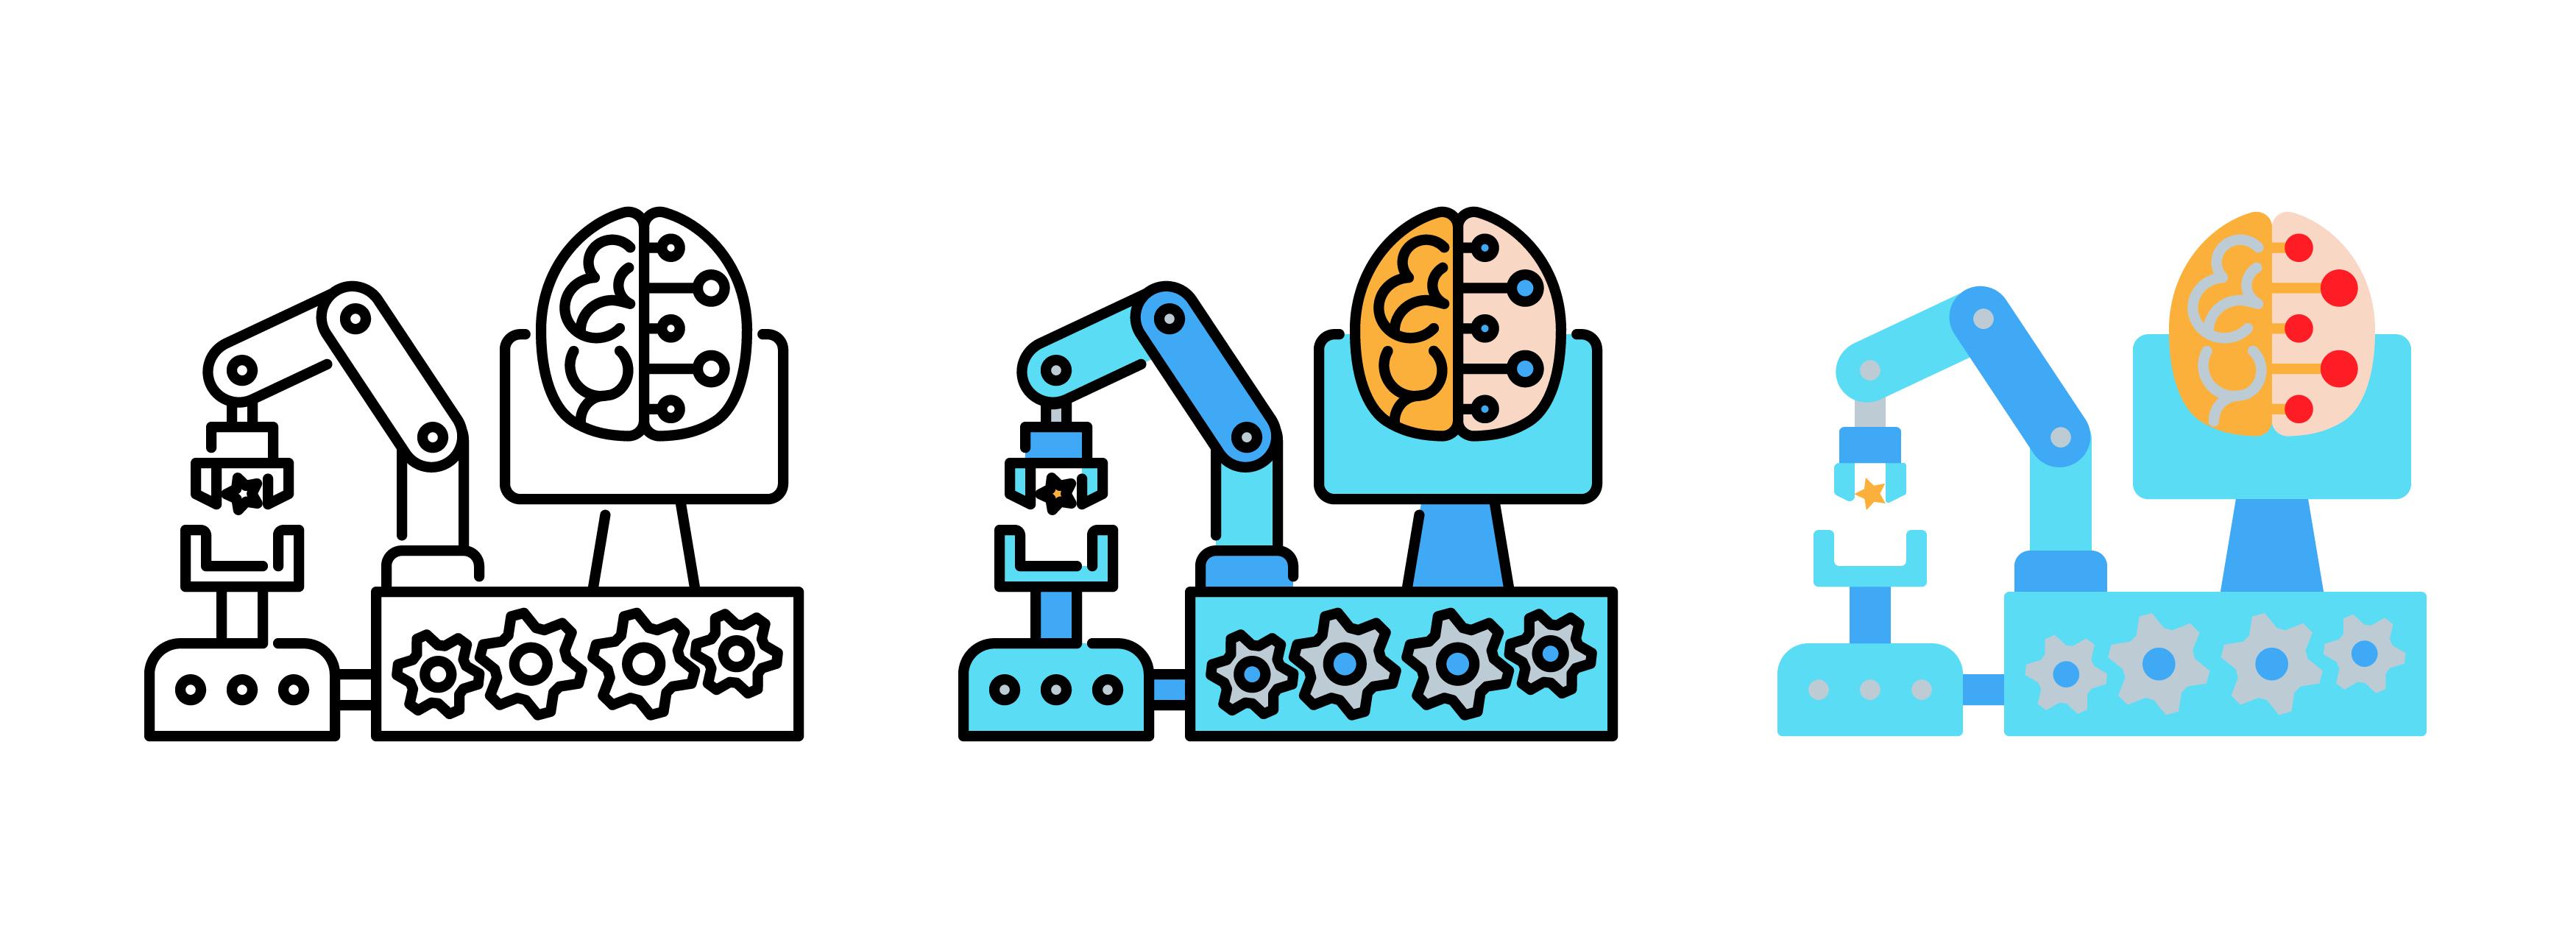 Intelligenza artificiale: dal Wmf la guida pratica per pmi (e non solo)!